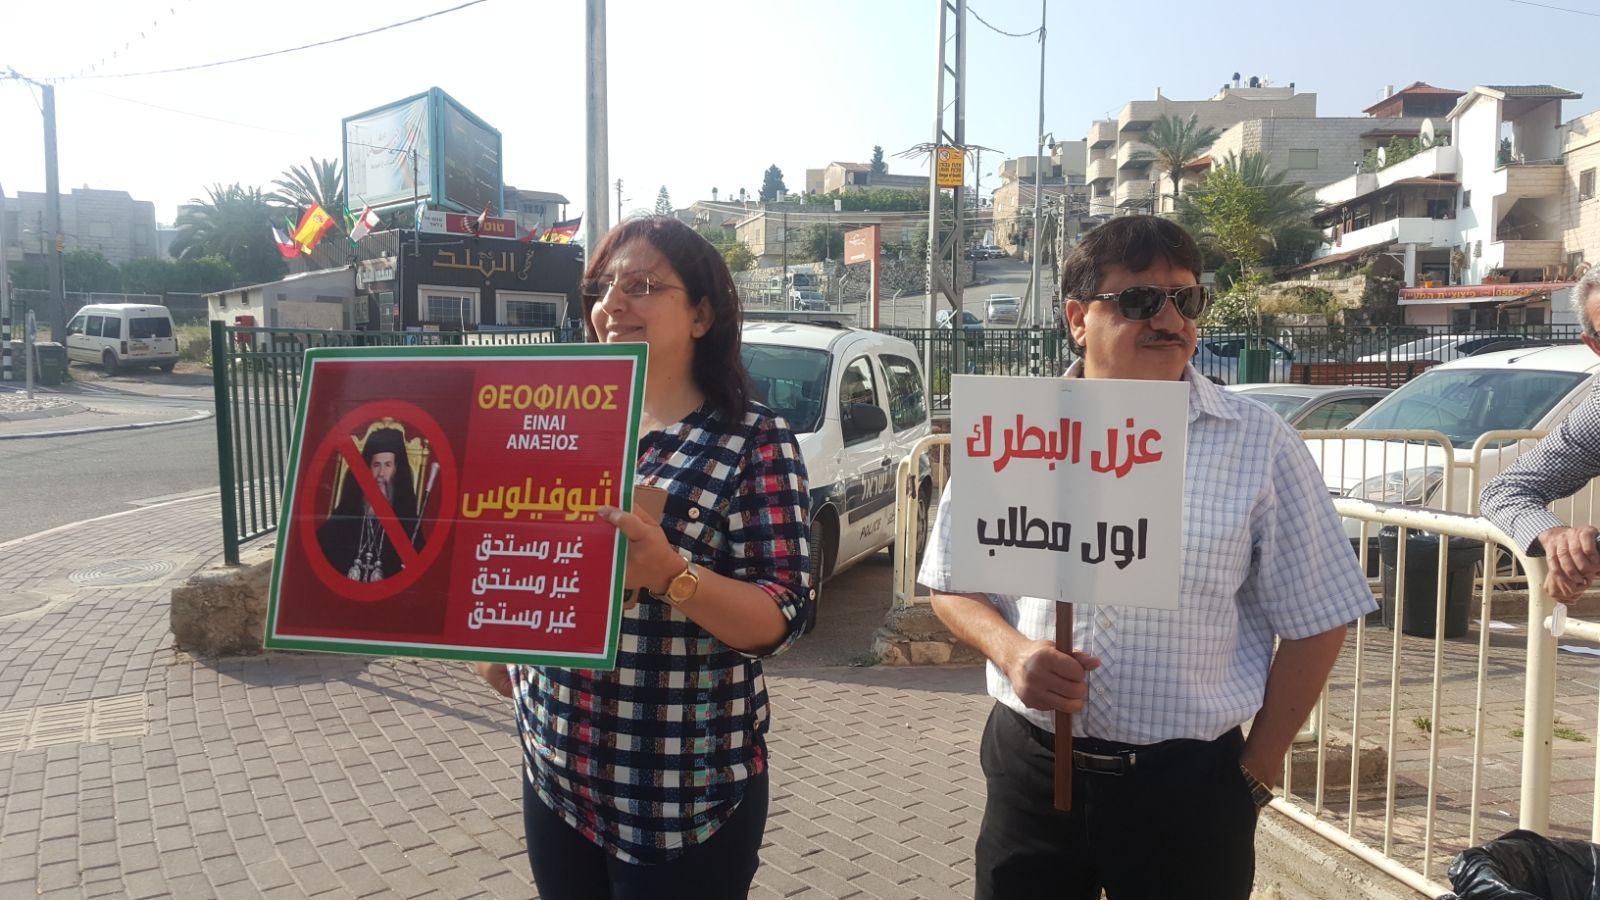 """الرينة: وقفة احتجاجية لـ""""حراك الحقيقة"""" ضد زيارة ثيوفيلوس"""